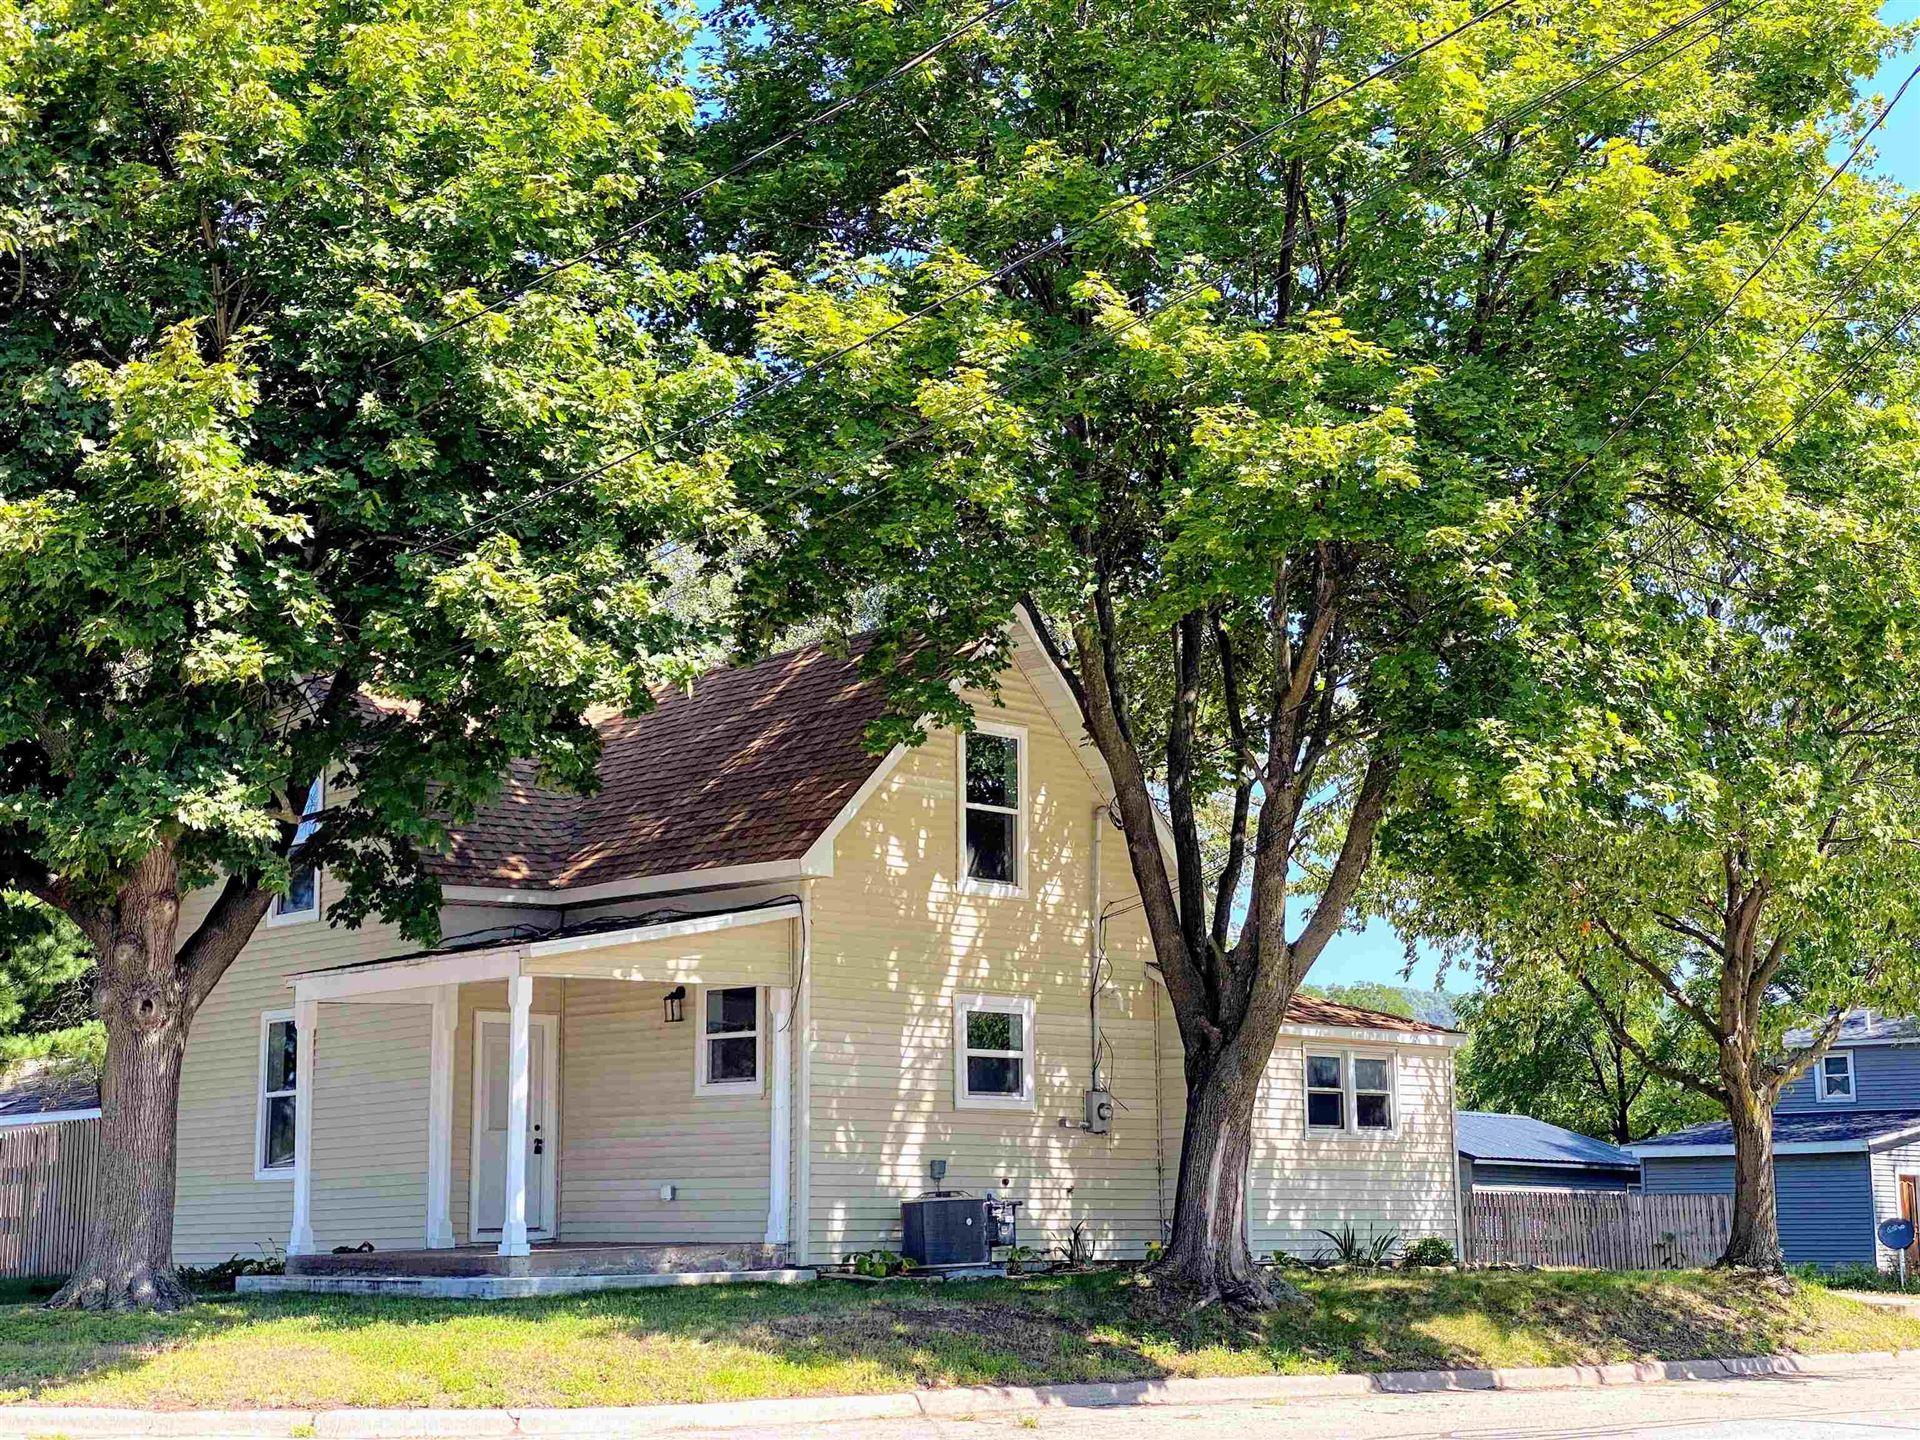 1222 S 7th St, Prairie du Chien, WI 53821 - #: 1918121